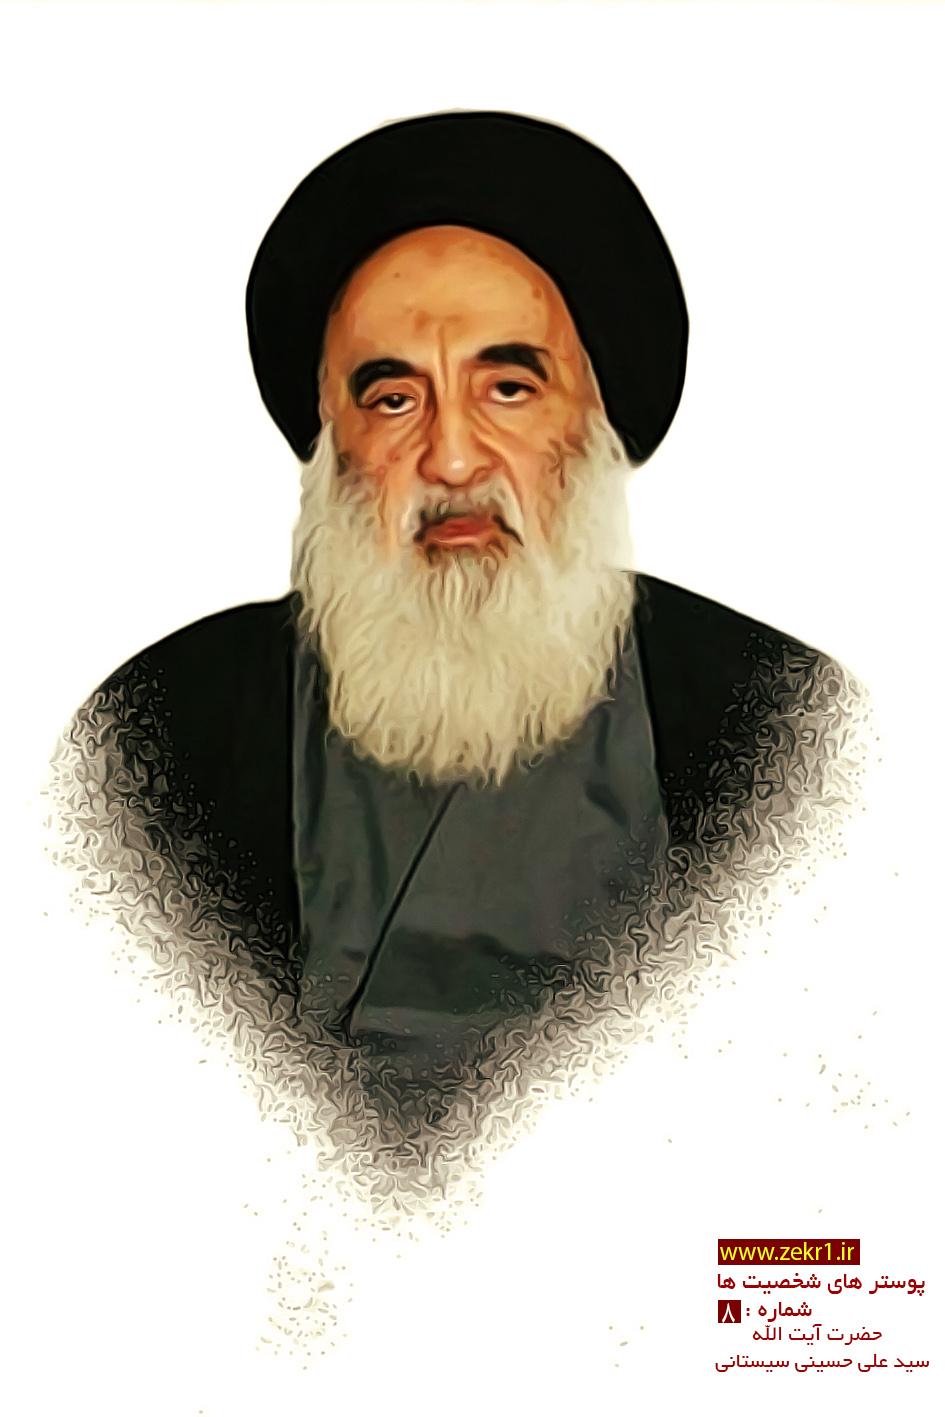 پوستر آیت الله سید علی حسینی سیستانی (مدظله العالی)